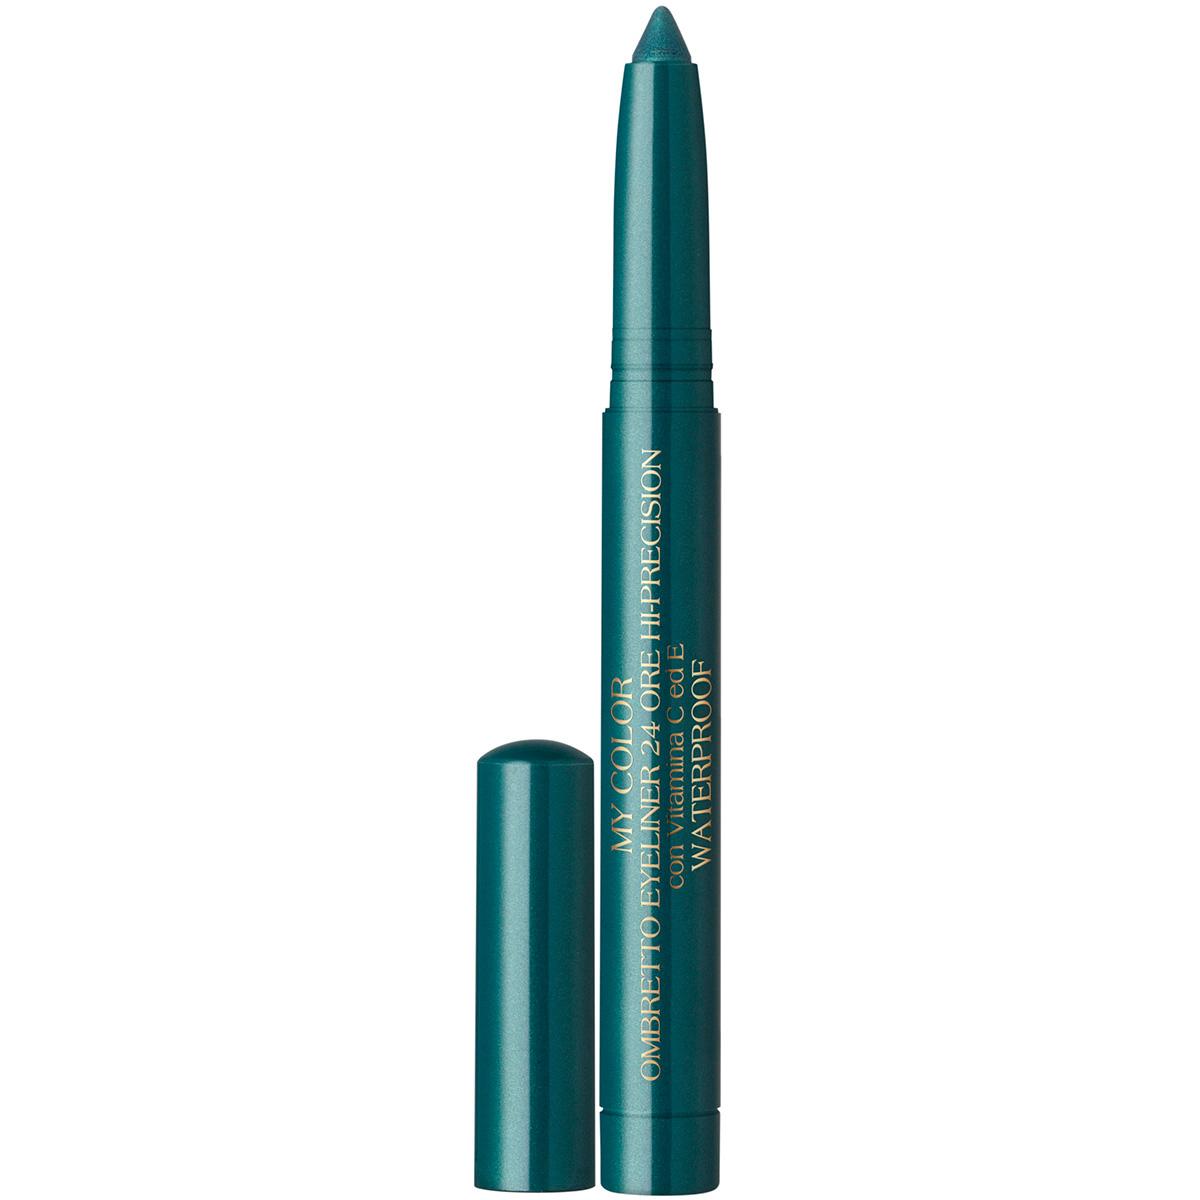 Fard de pleoape stick cu vitaminele C si E - waterproof, verde albastru - My color